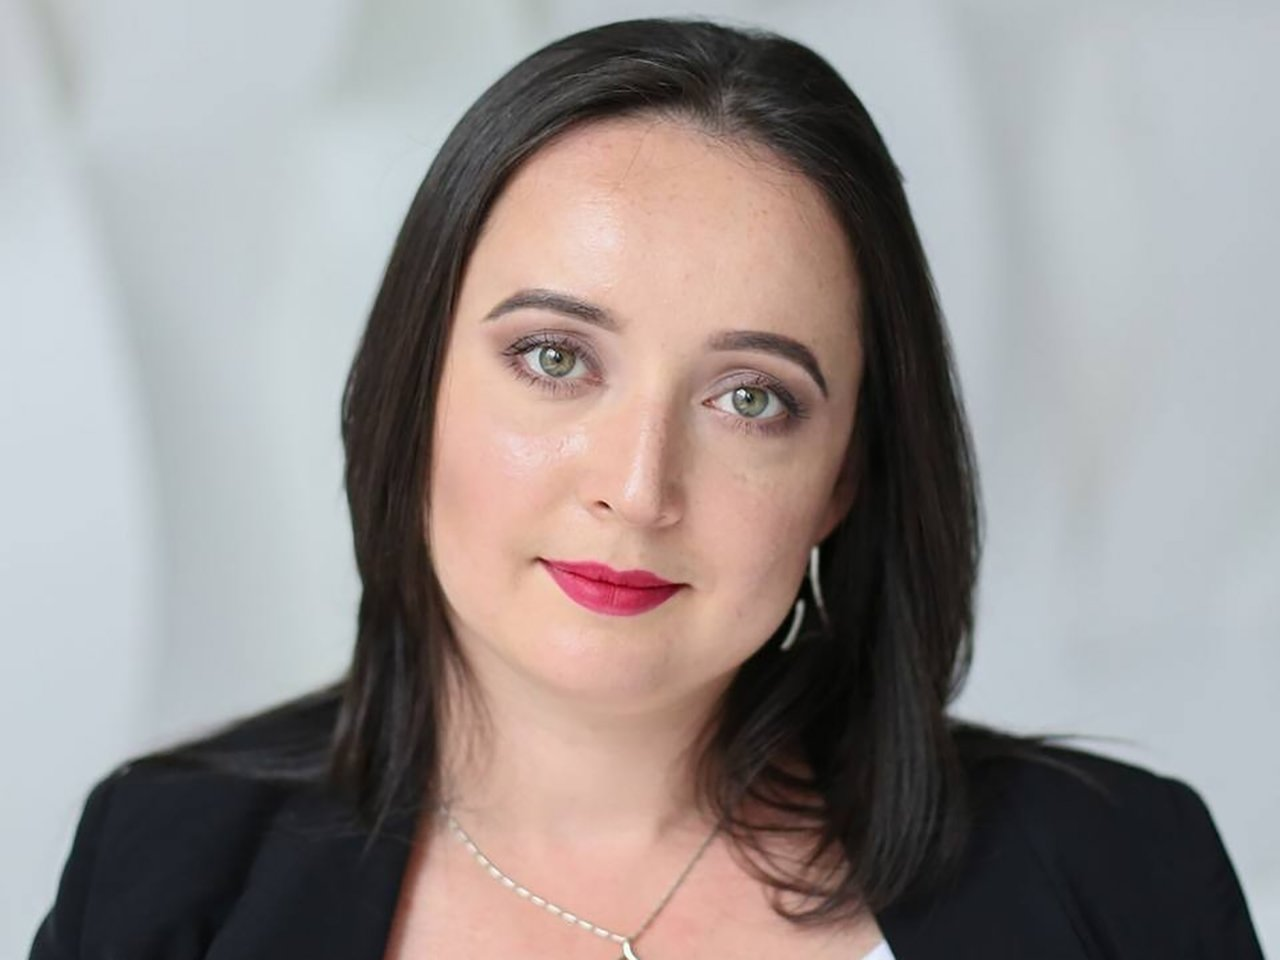 Запись лекции «Убей или будь убитой: почему женщин сажают за самооборону». Лектор — Мари Давтян